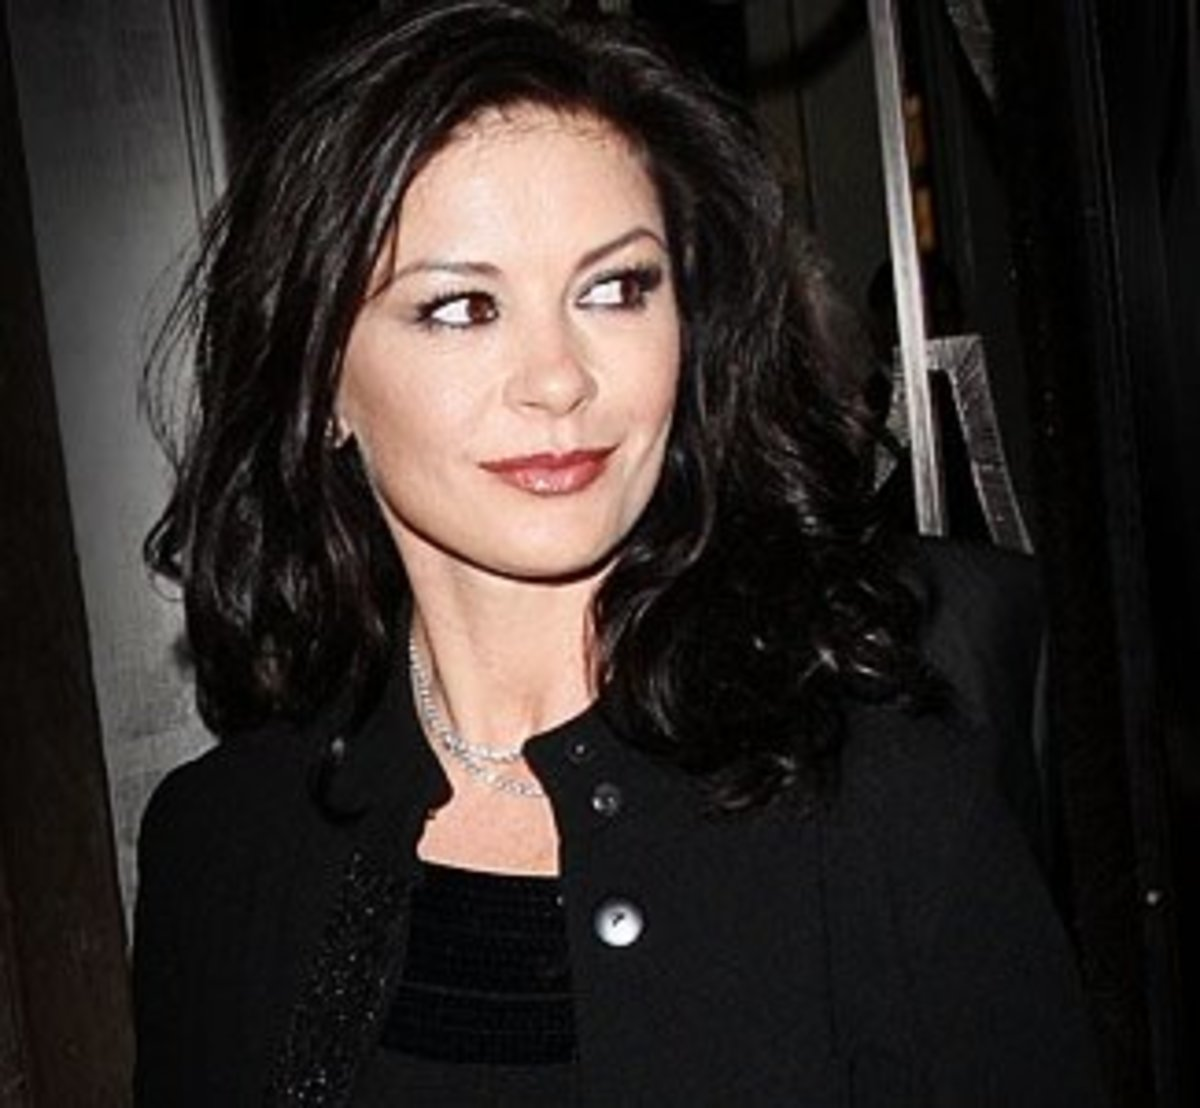 Welsh actress Catherine Zeta-Jones with jet black hair color